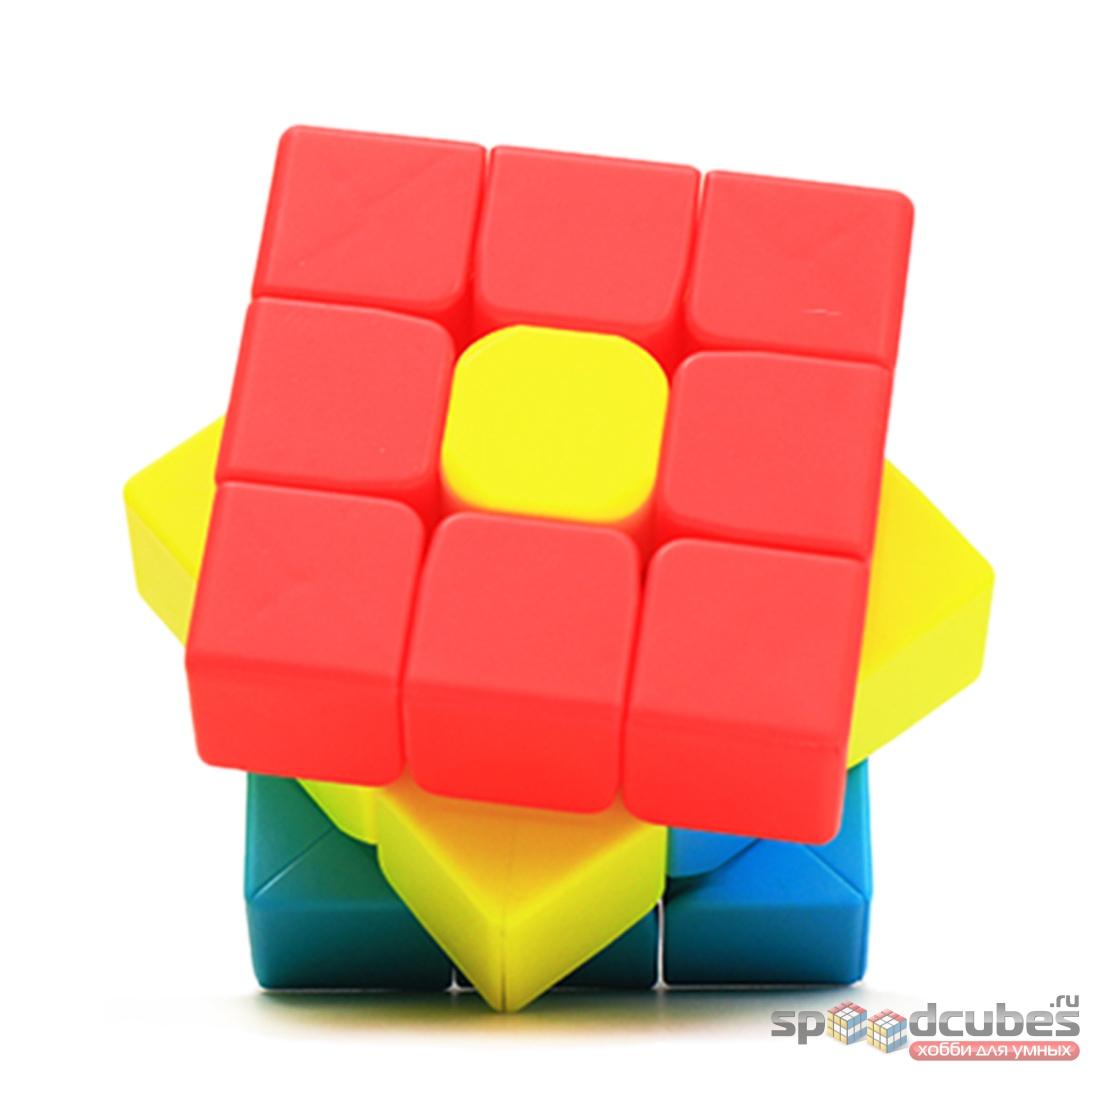 Z 3×3 Sandwich Cube 2